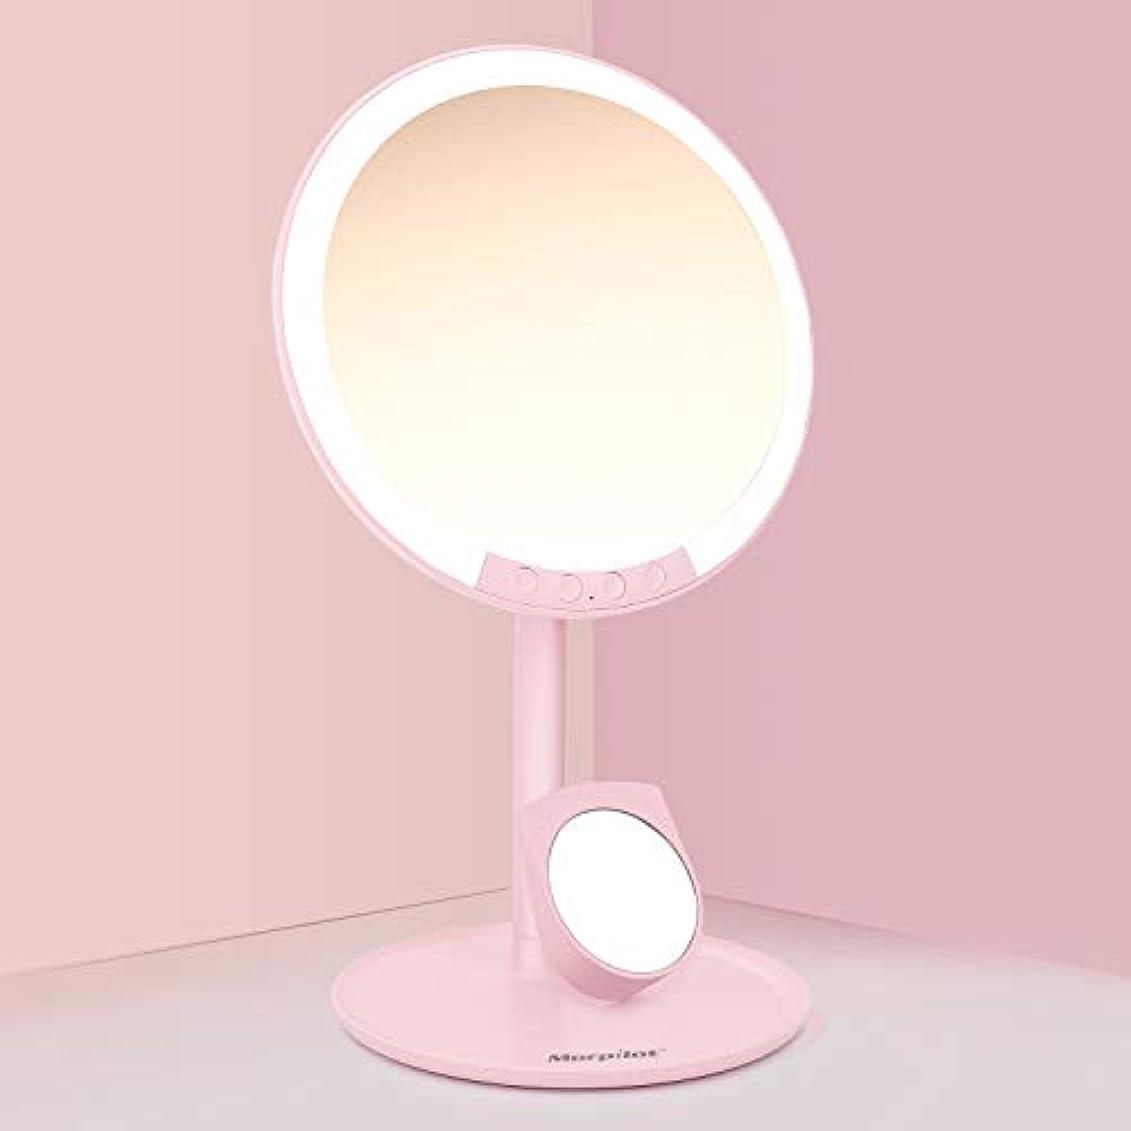 ポータブルグラフ証拠卓上ミラー 化粧鏡 化粧ミラー Morpilot 女優ミラー led付きミラー 7倍拡大鏡付き 3色調節可能 明るさ調節可能 USB充電式 120度回転 収納ベース プレゼント